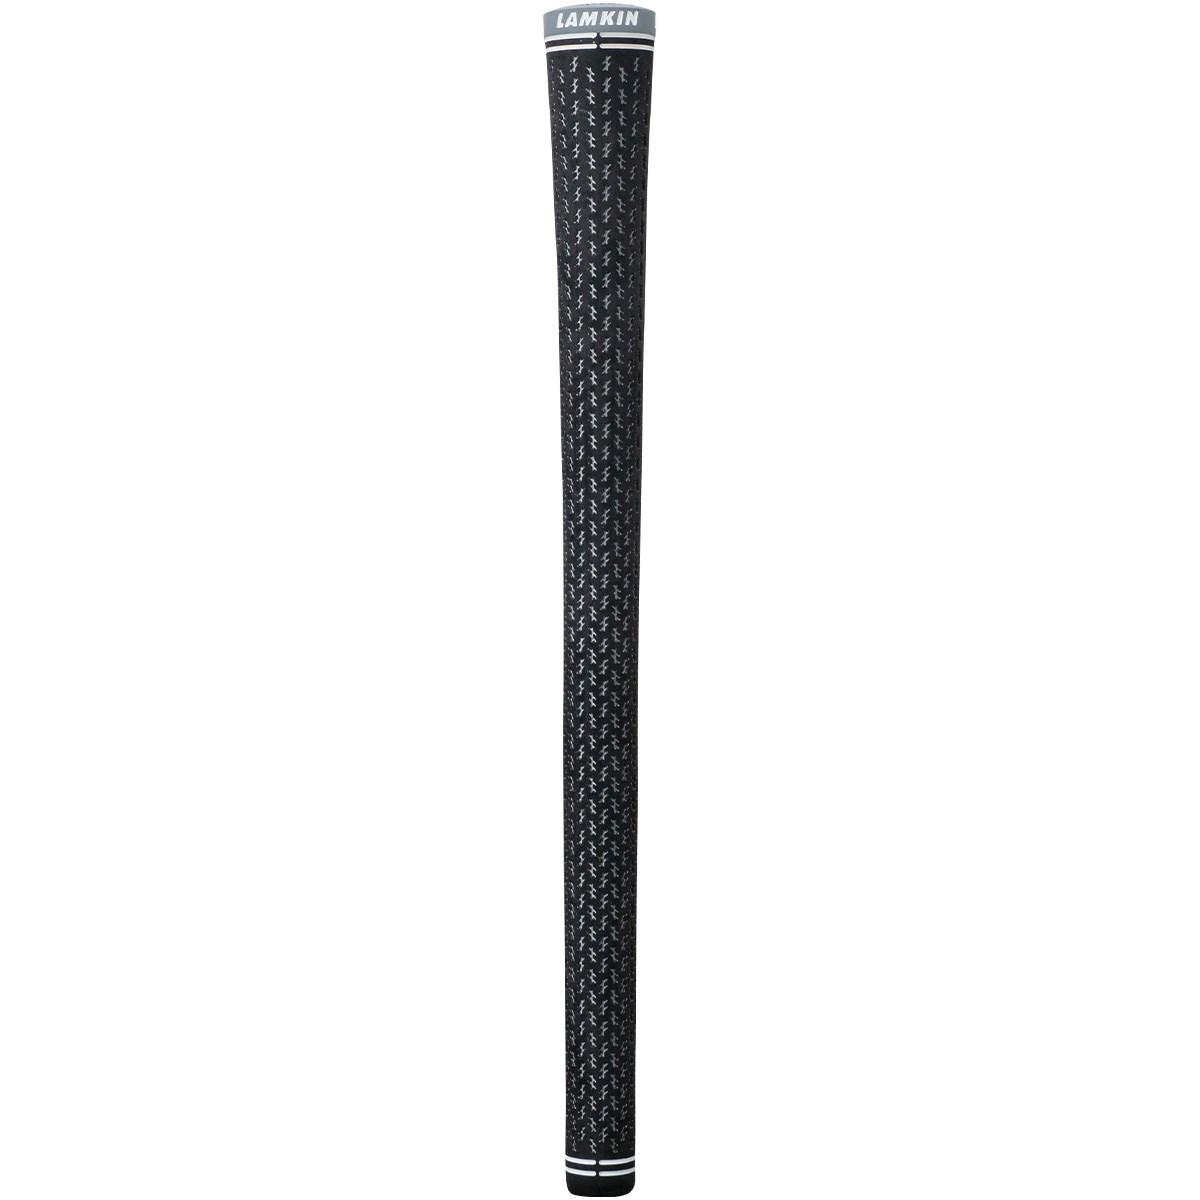 ラムキン(LAMKIN) クロスライン360 スタンダード グリップ